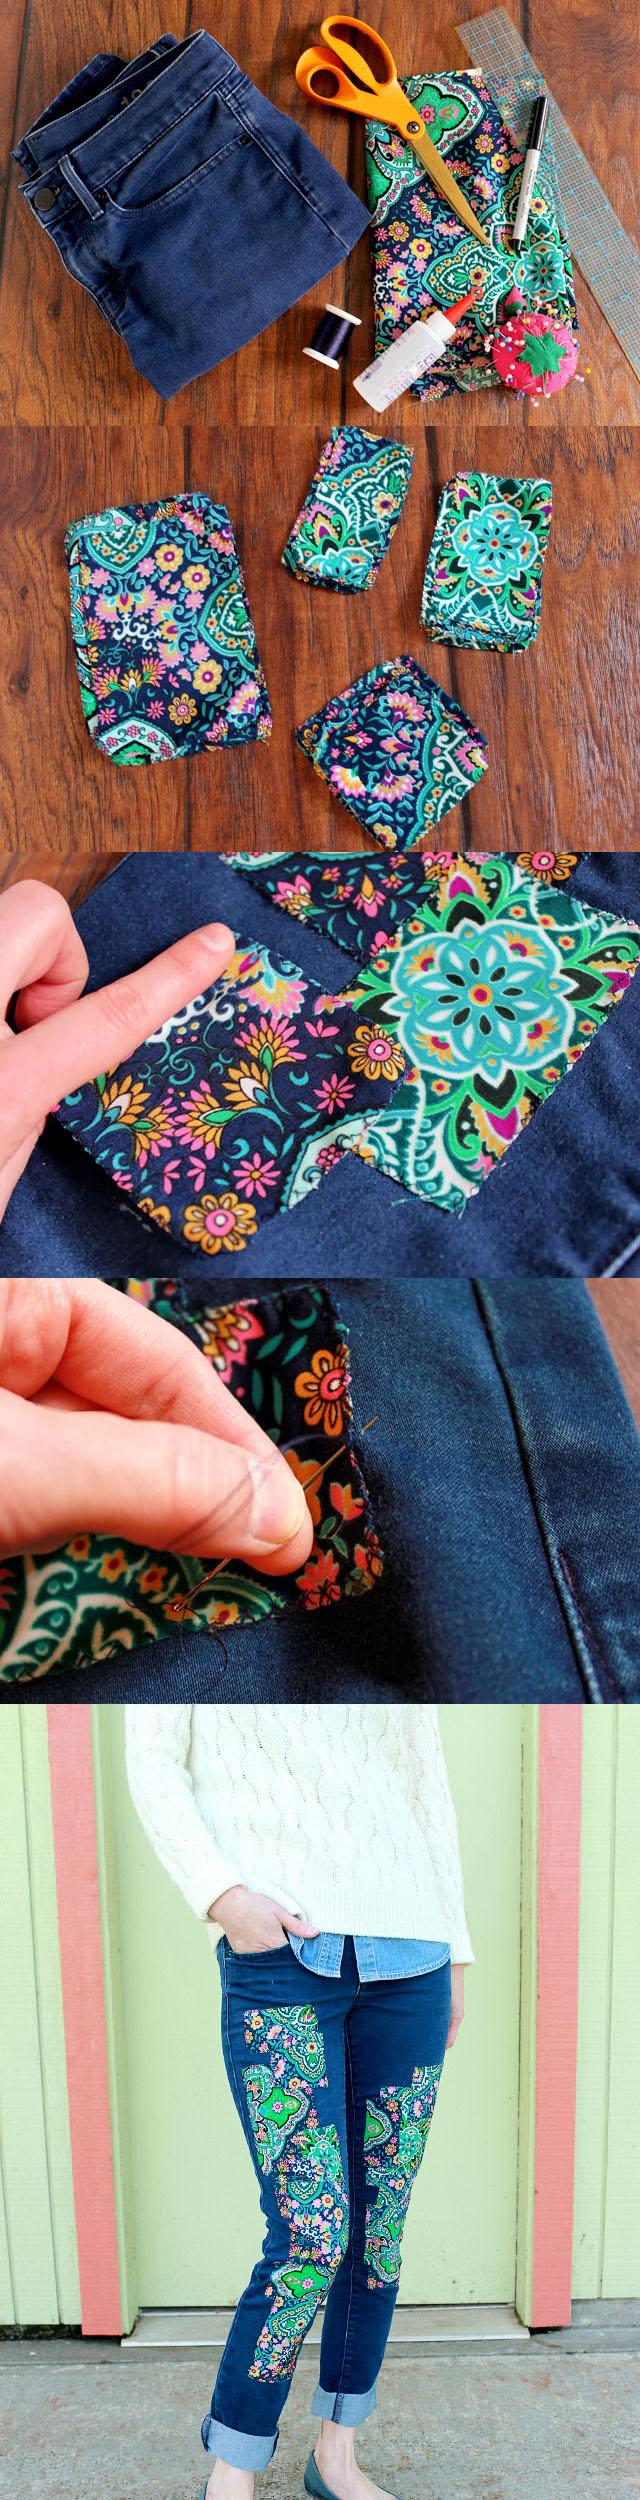 turn old jeans into vest diy reuse old denim jeans8